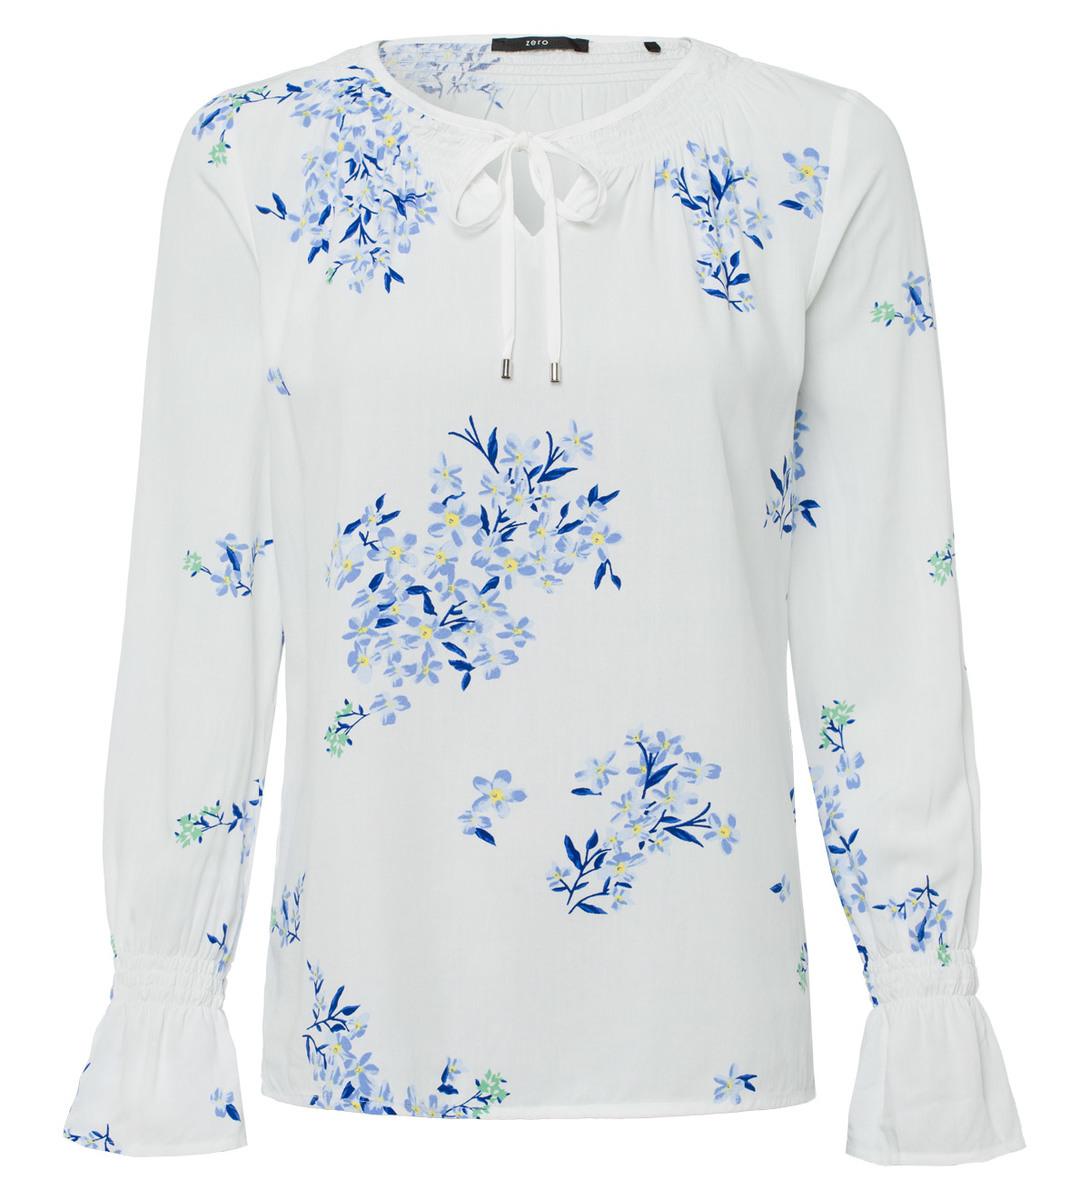 Bluse mit Blumendruck in offwhite